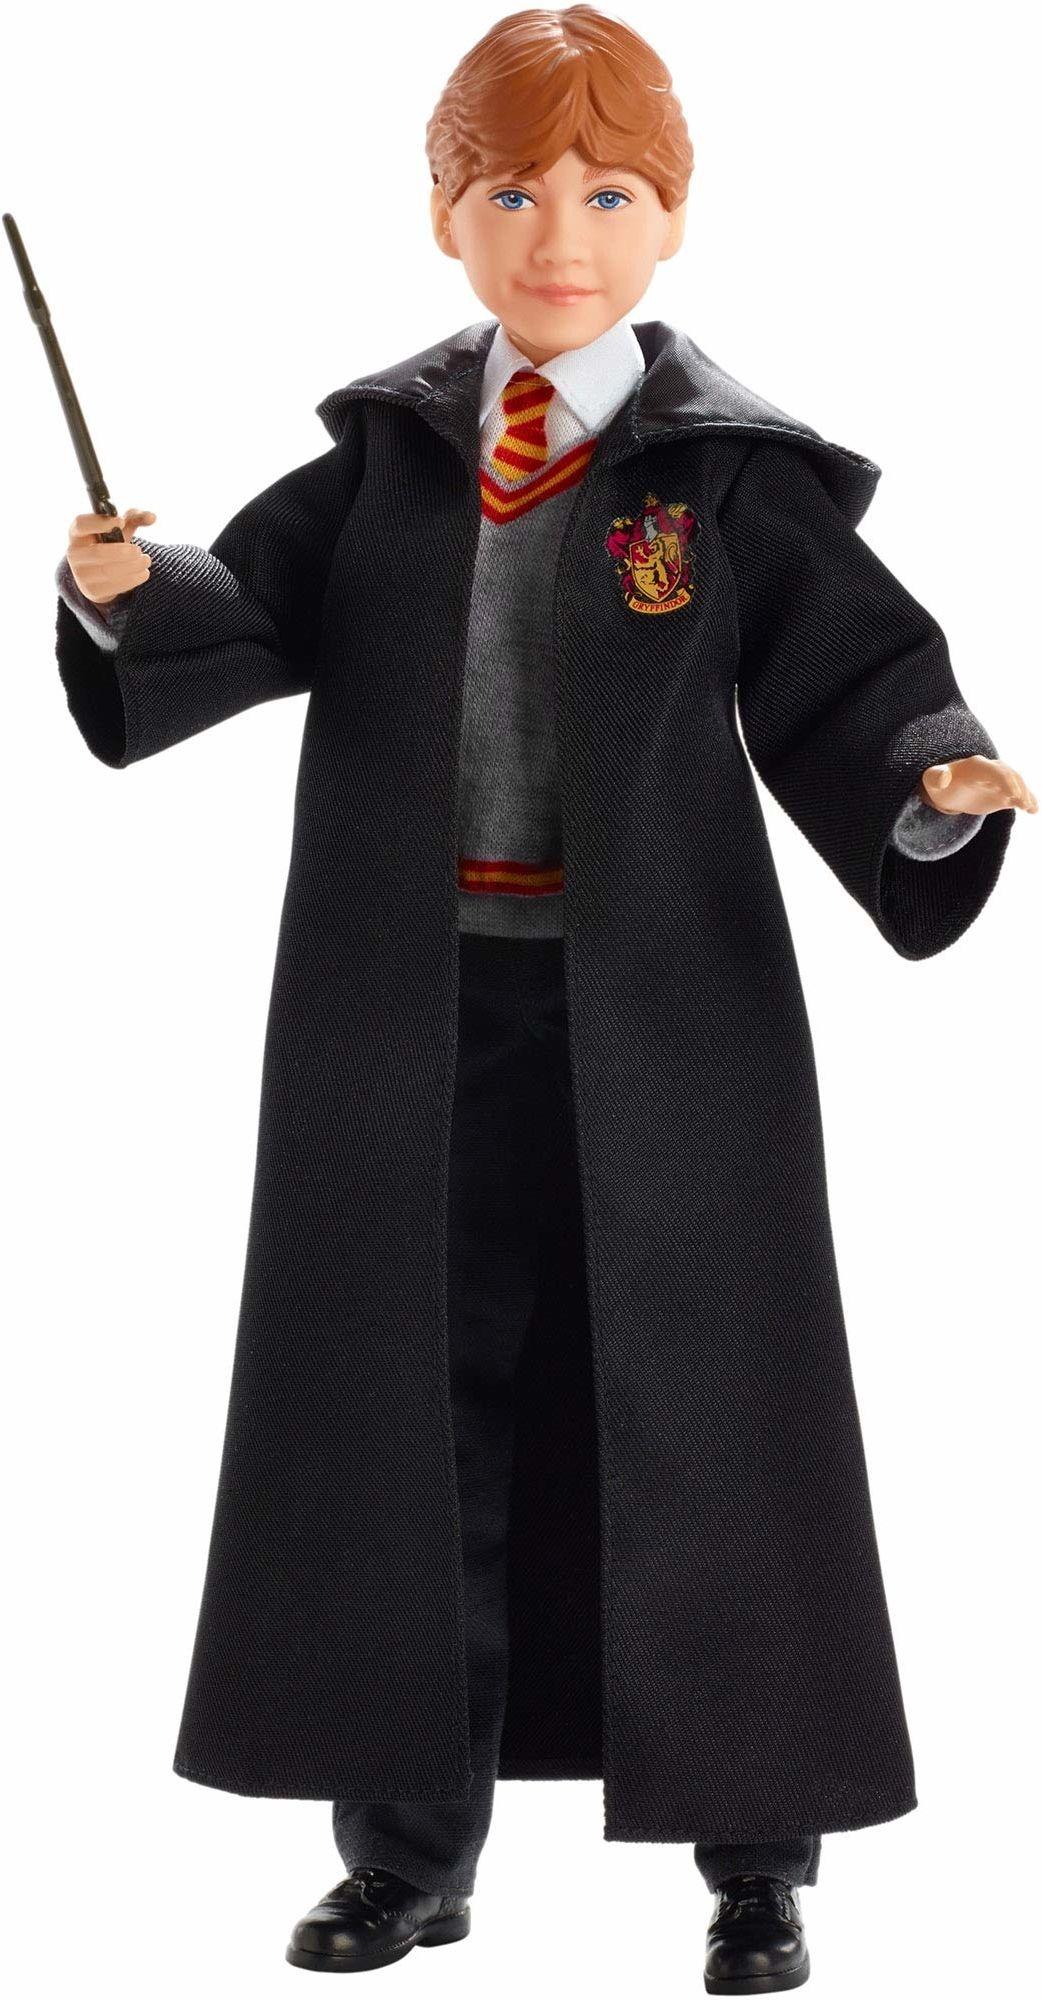 Harry Potter, Ron Weasley Lalka Kolekcjonerska (Wysokość: 26 Cm) Z Mundurkiem Hogwartu, Szatą Gryffindoru I Różdżką FYM52